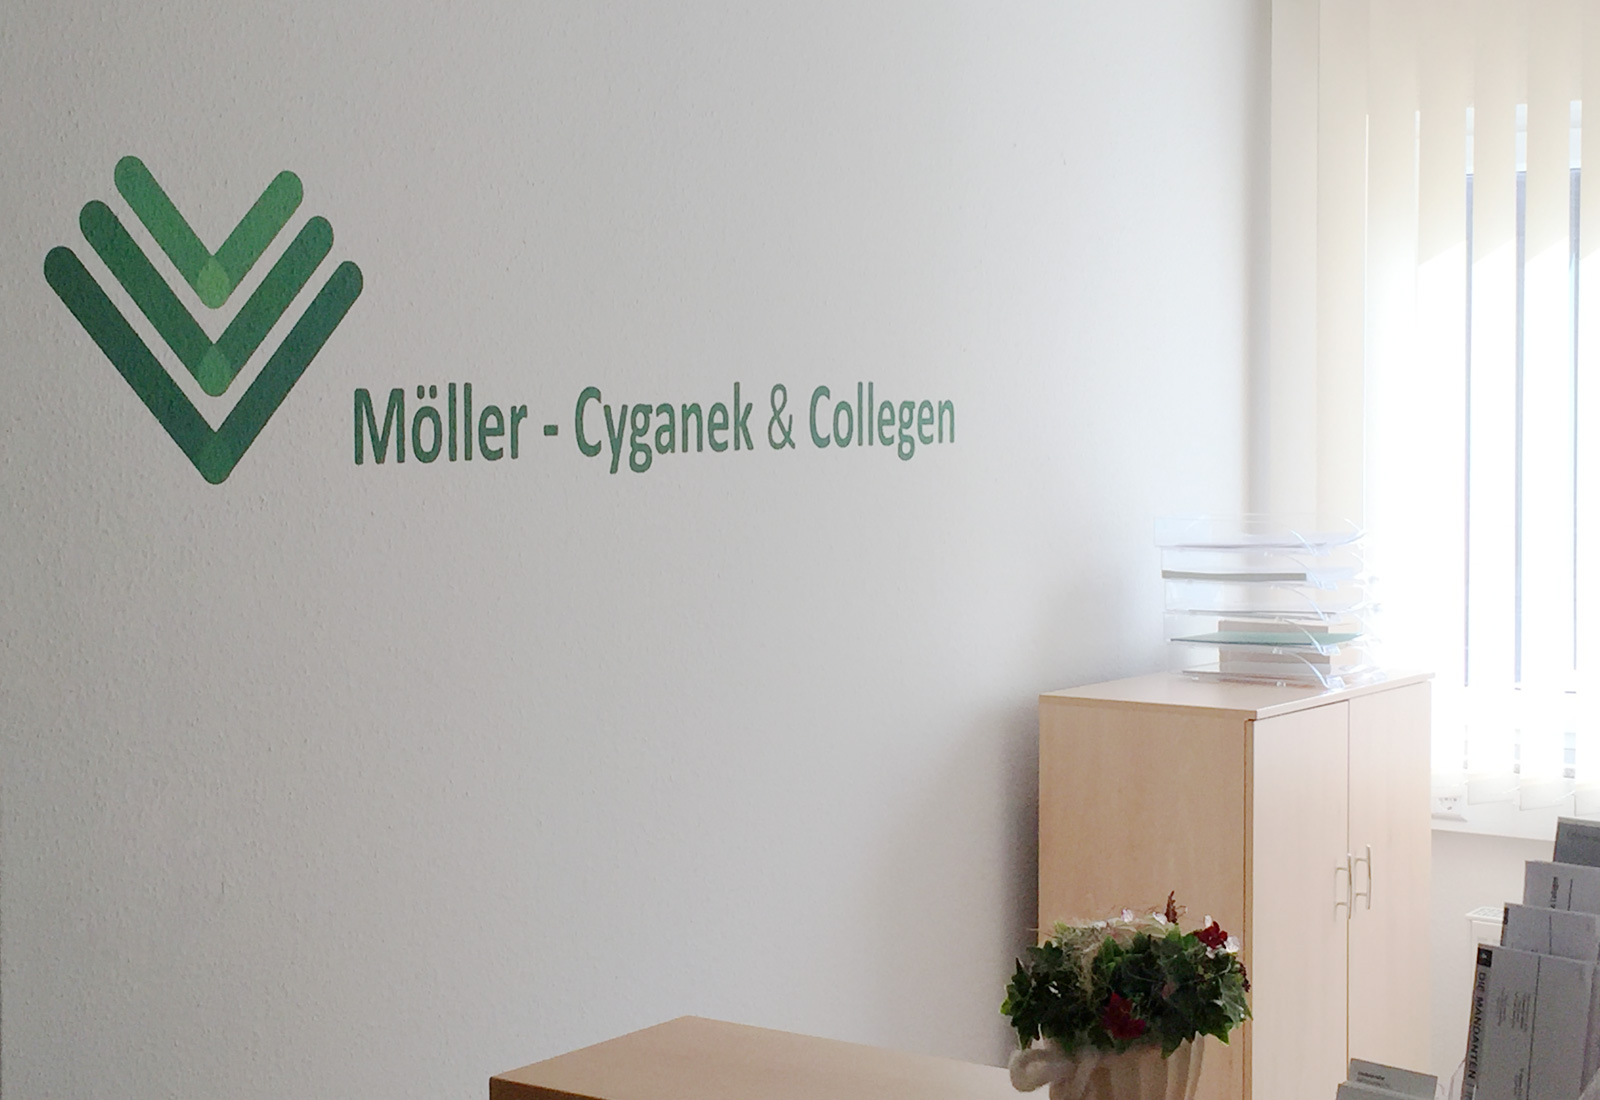 Möller - Cyganek & Collegen